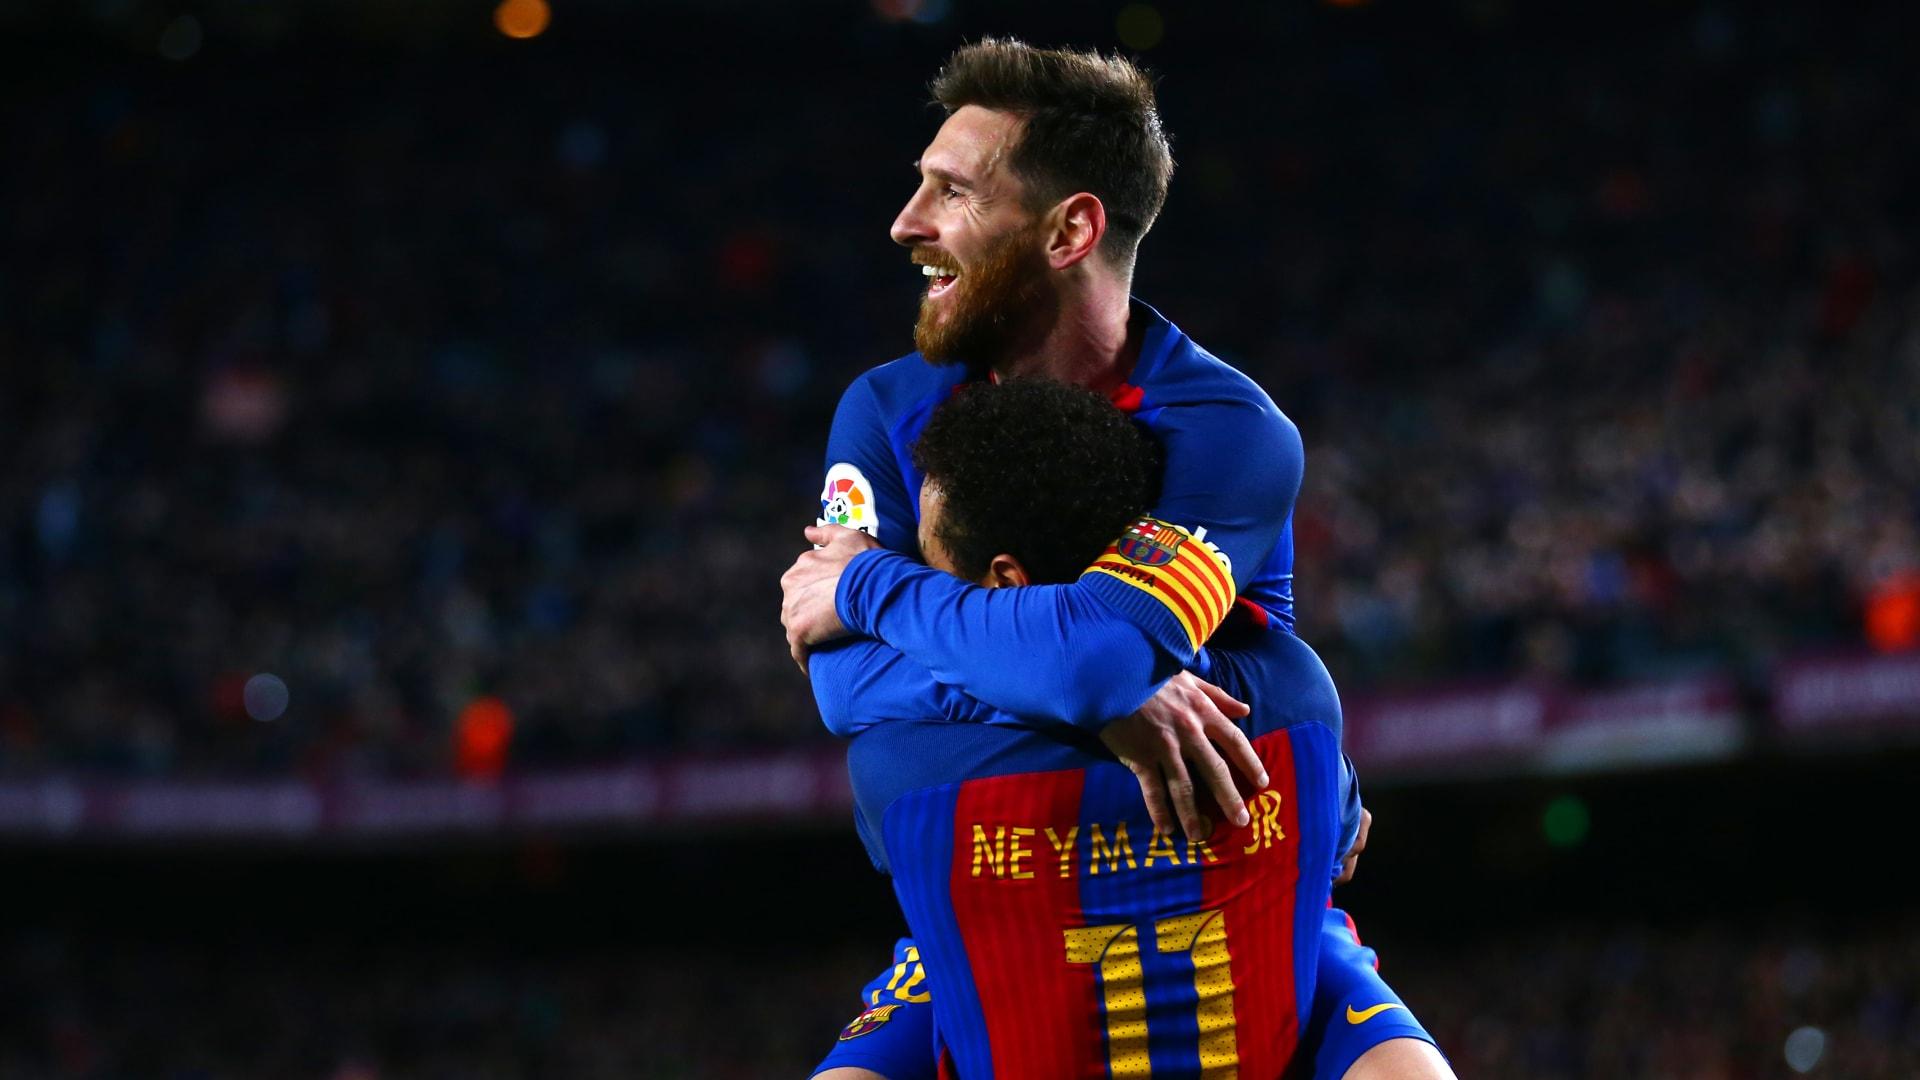 بعد وقوع برشلونة وباريس سان جيرمان معا.. نيمار يوجه رسالة لميسي